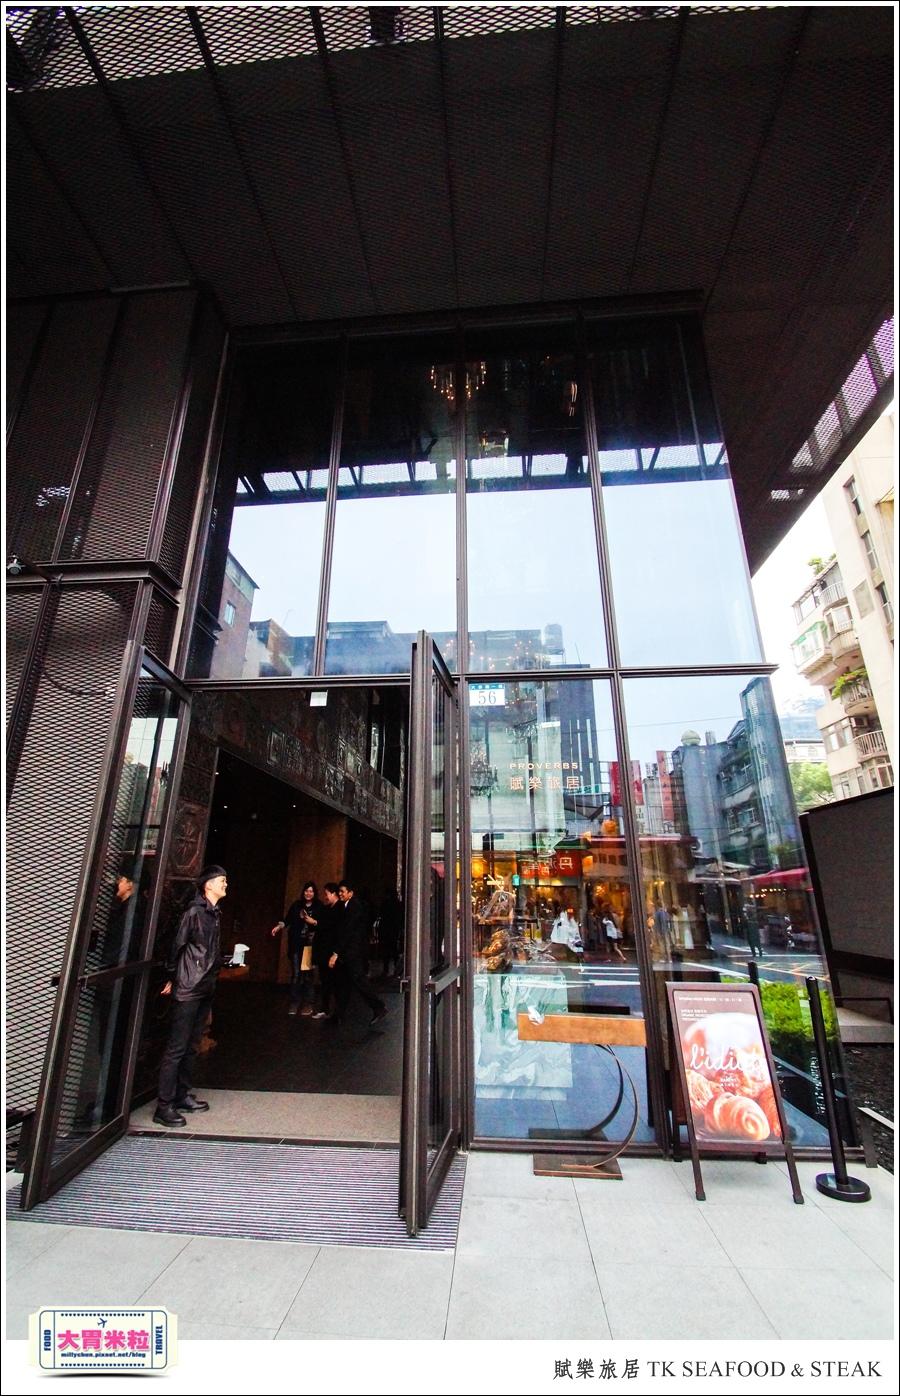 台北牛排餐廳推薦@賦樂旅居-TK SEAFOOD & STEAK(TK牛排)@大胃米粒0004.jpg